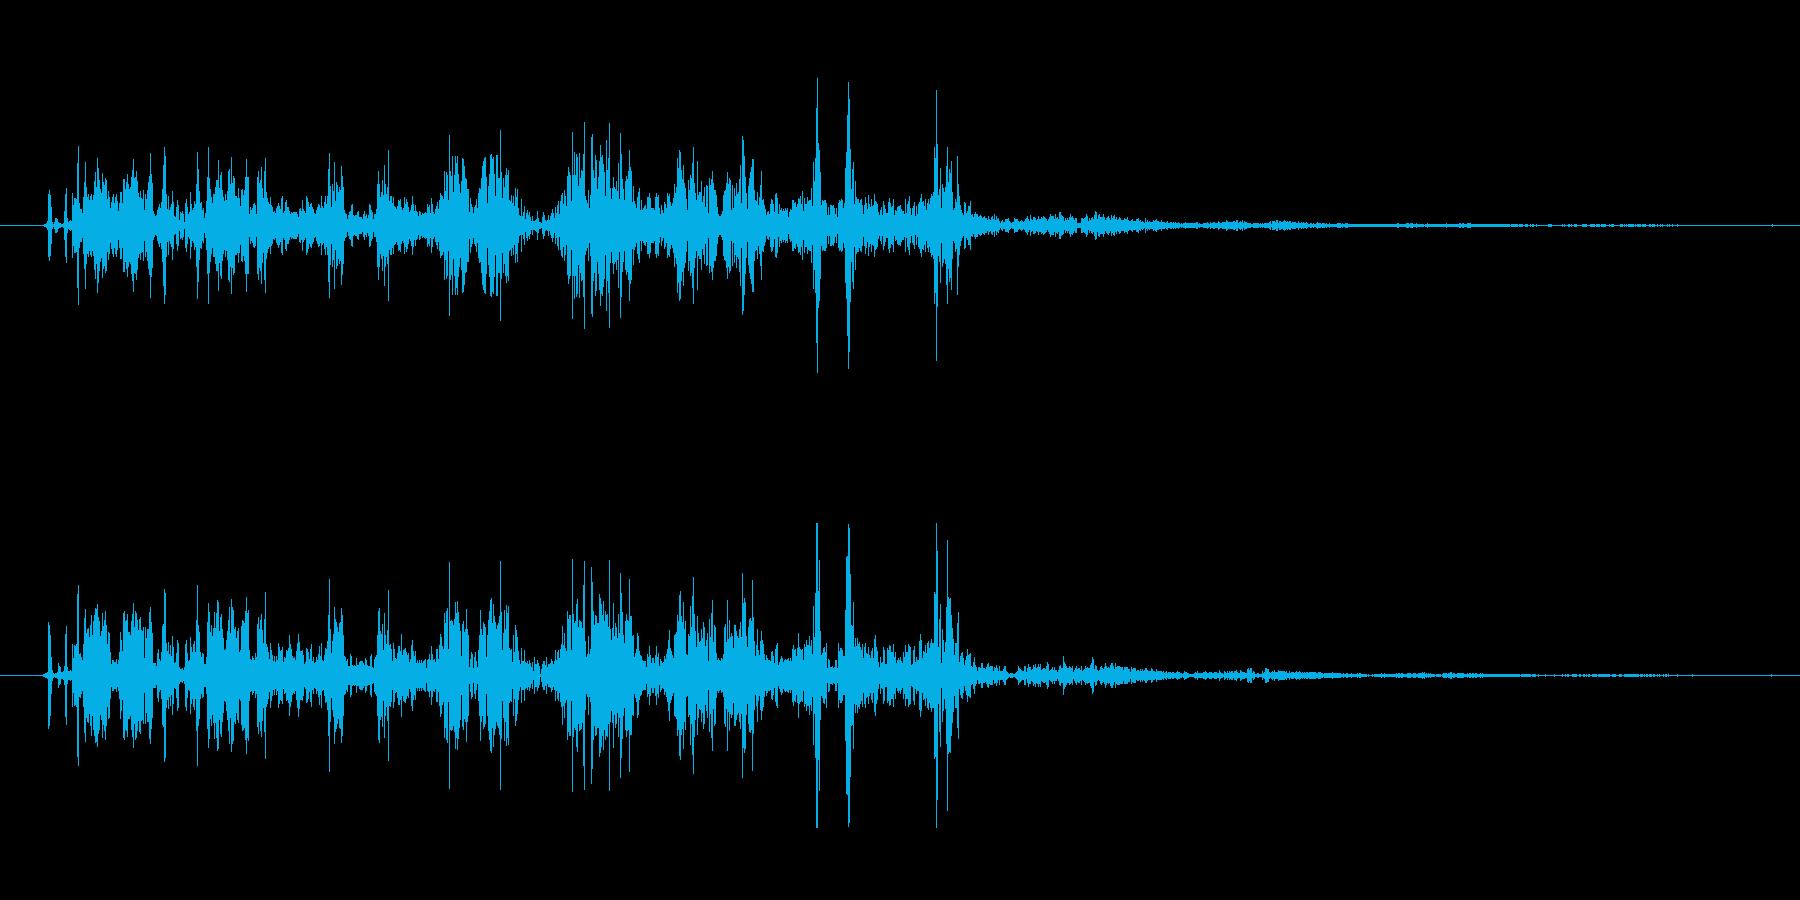 毒魔法(まとわりつく猛毒)の再生済みの波形